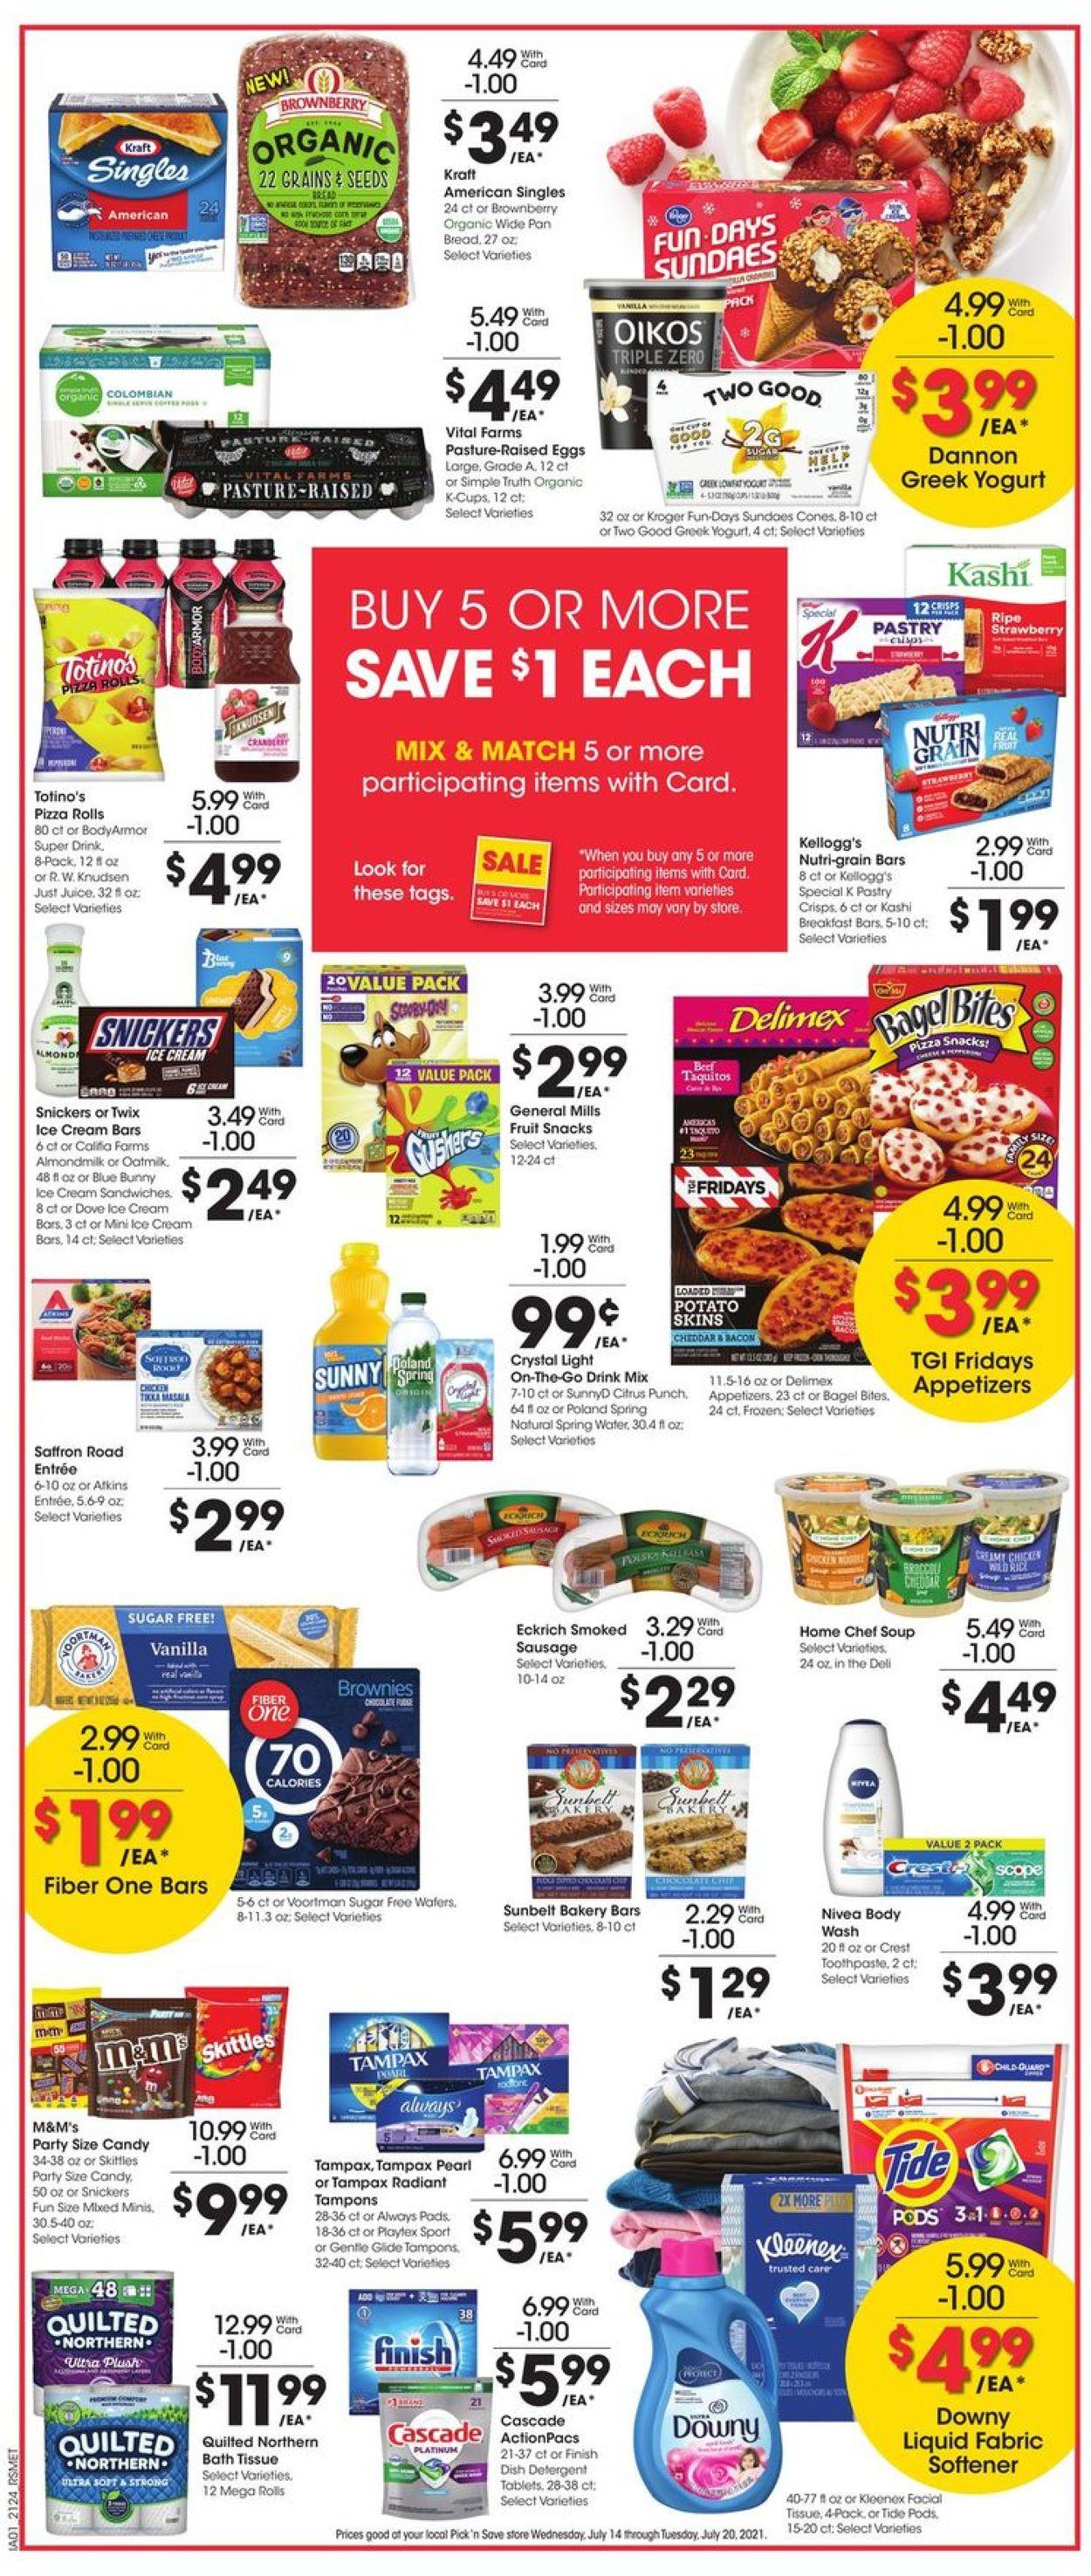 Pick 'n Save Weekly Ad Circular - valid 07/14-07/20/2021 (Page 4)